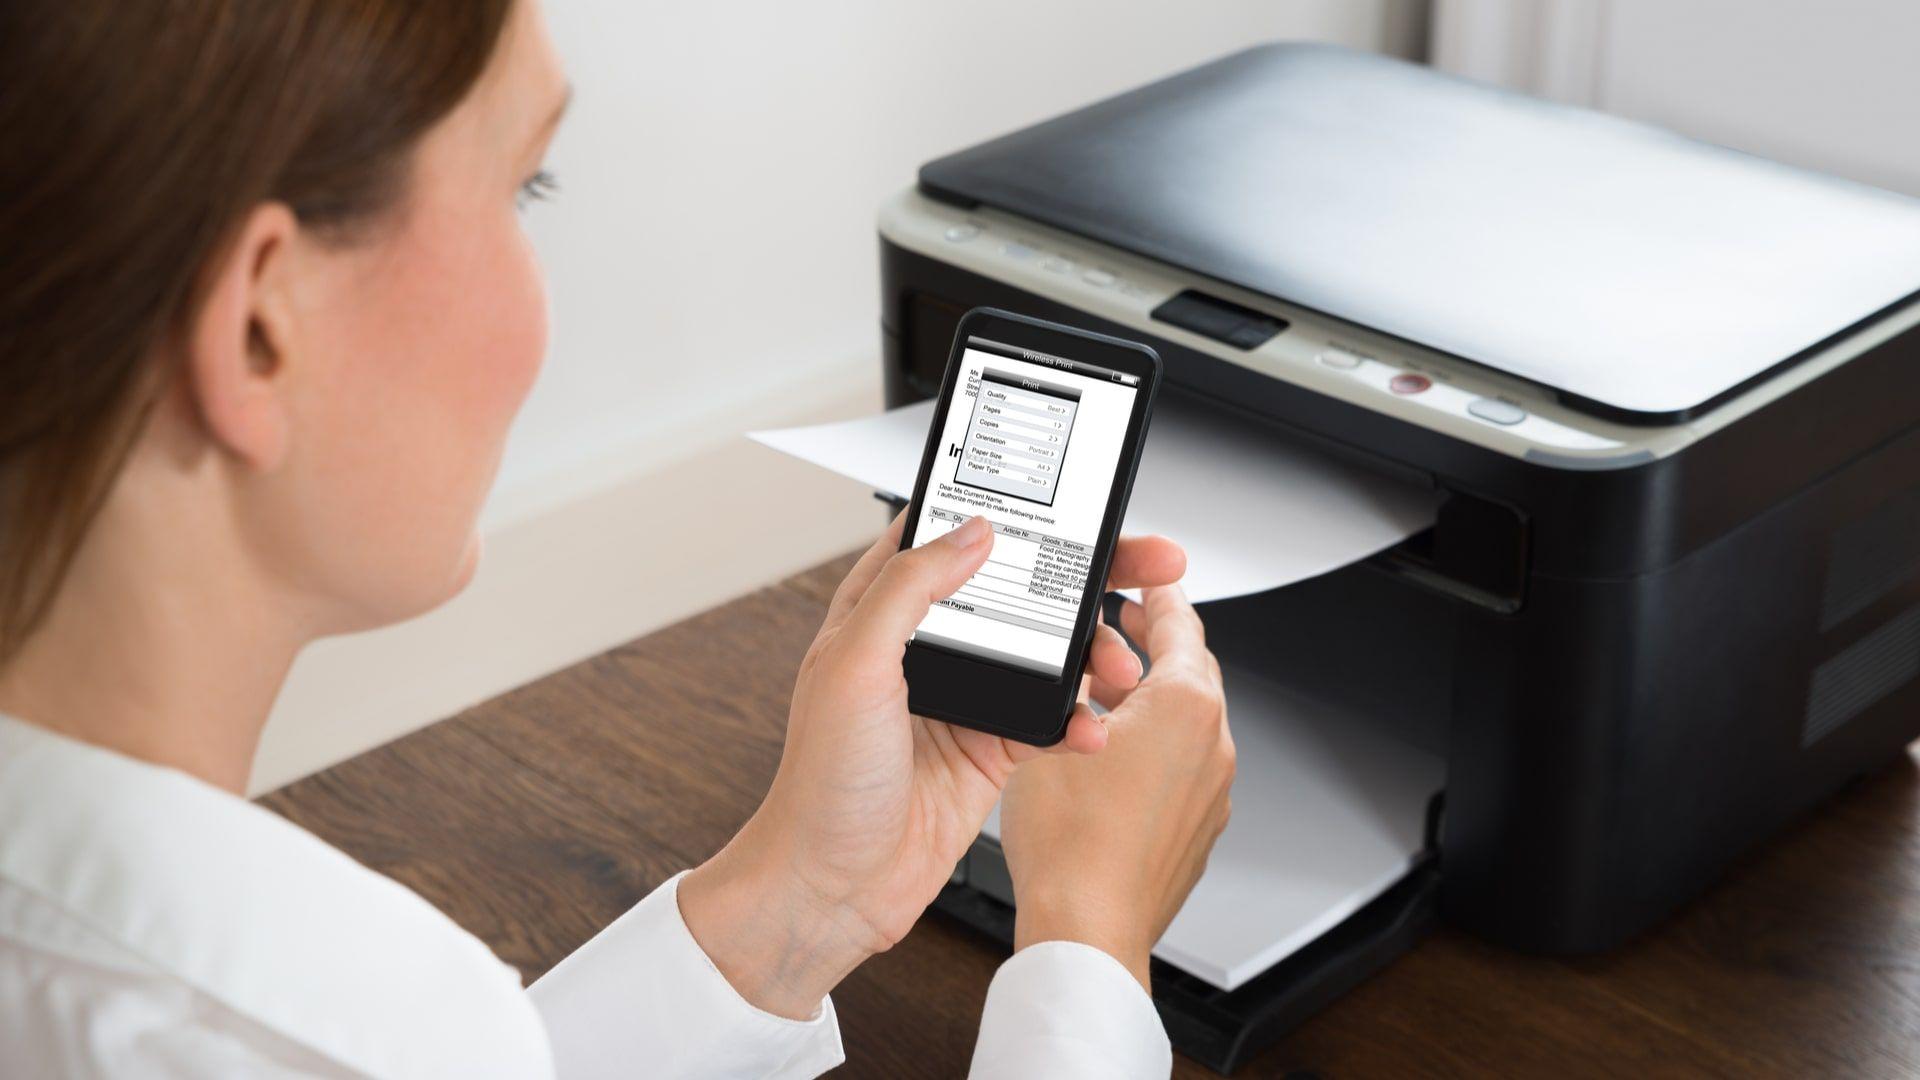 Como imprimir do celular para impressora: alguns modelos permitem fazer processo por e-mail (Foto: Shutterstock)